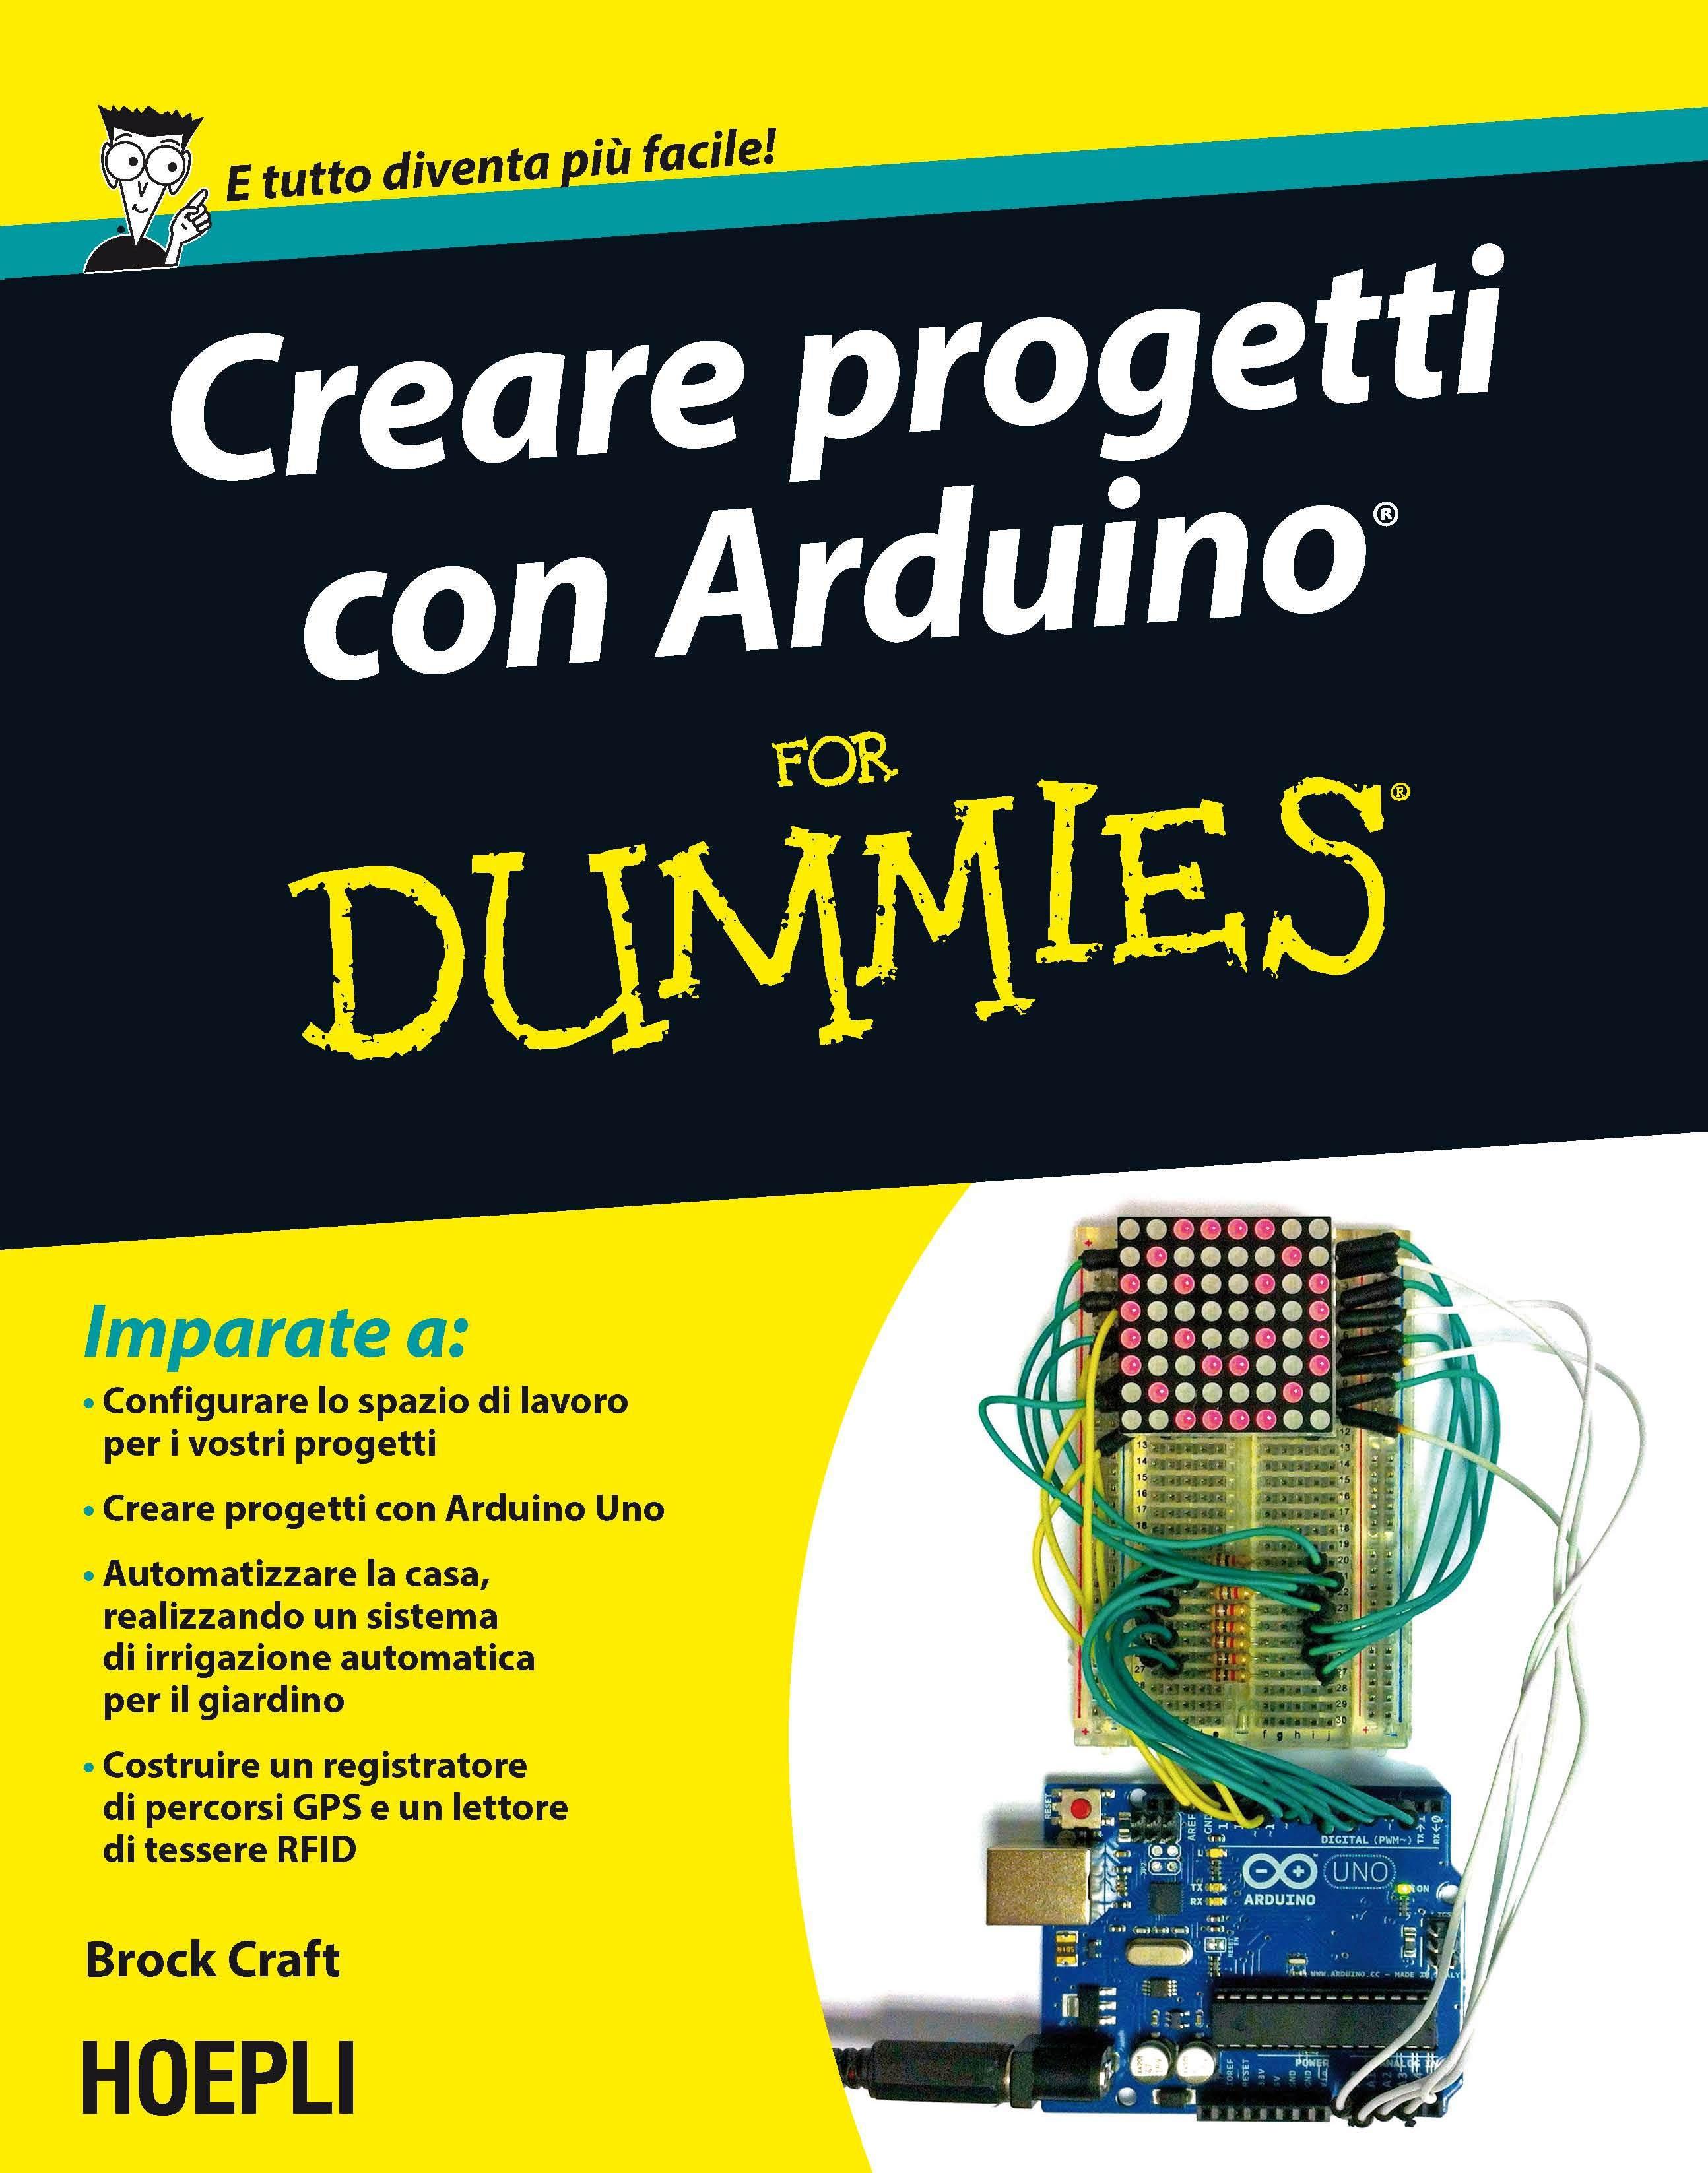 Creare progetti con arduino for dummies brock craft